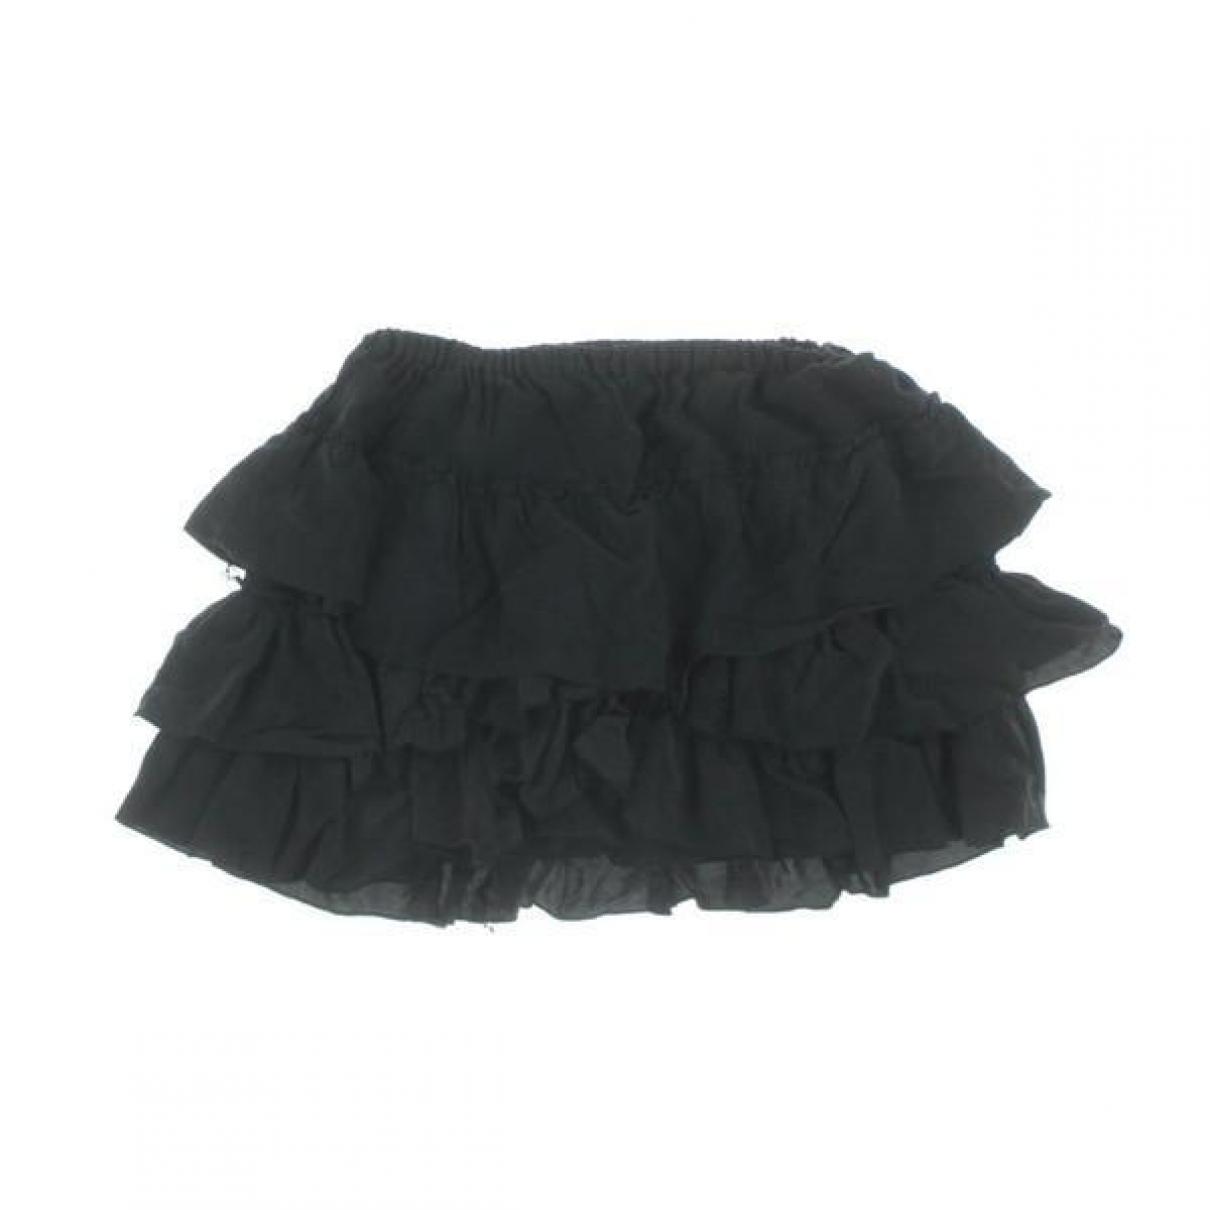 Isabel Marant \N Black Silk skirt for Women 2 US